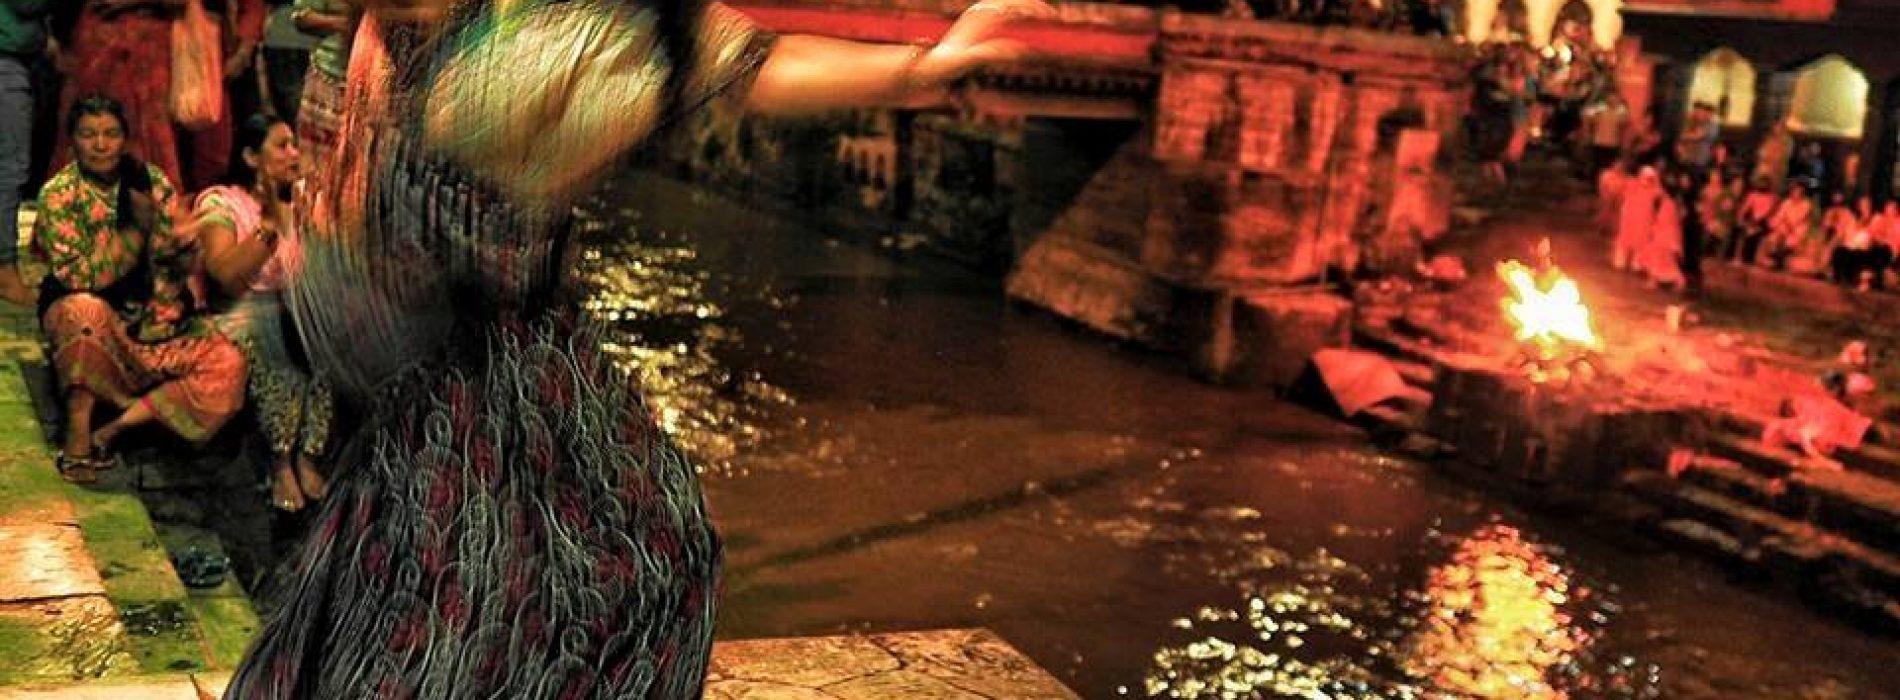 Ganj Nehrinin Kıyısında Dans Eden Rakkase ve Karşı Yakasında Ölü Yakanlar Aynı Karede